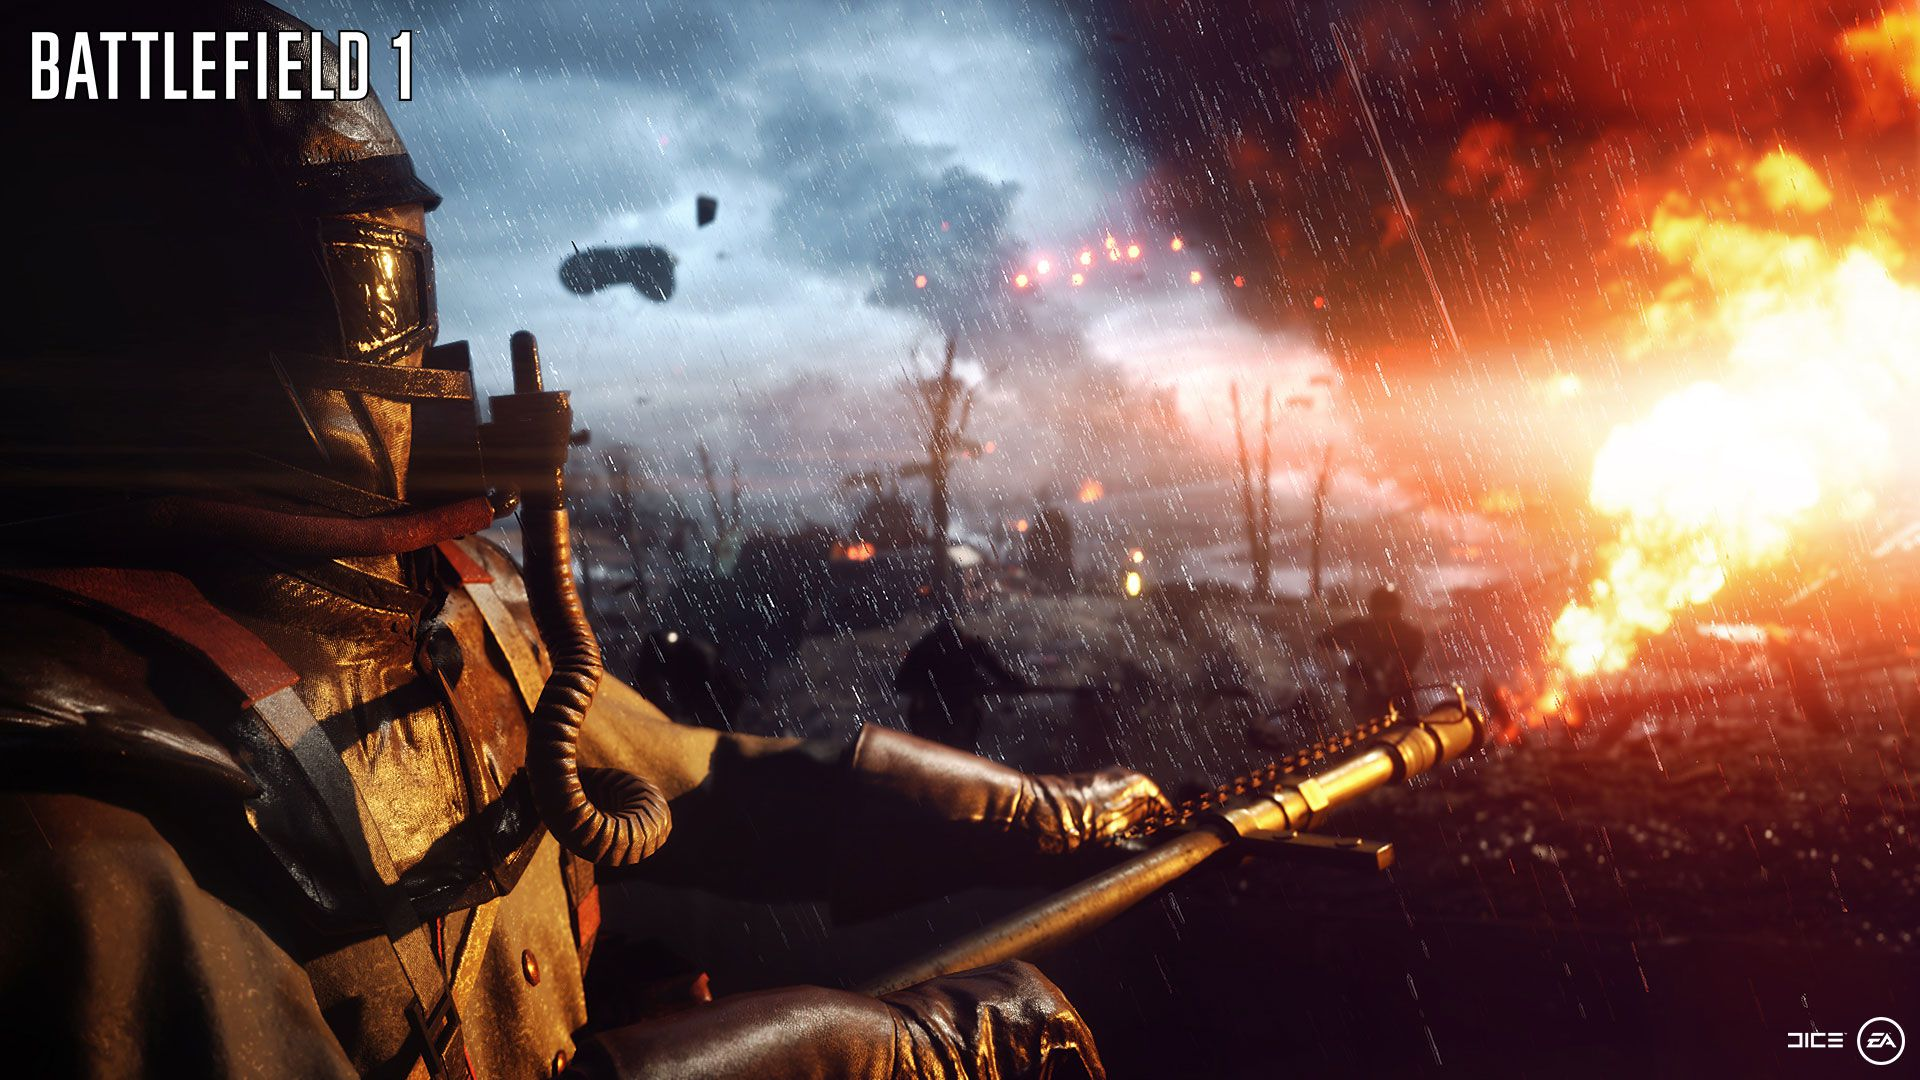 Battlefield 1 screenshots